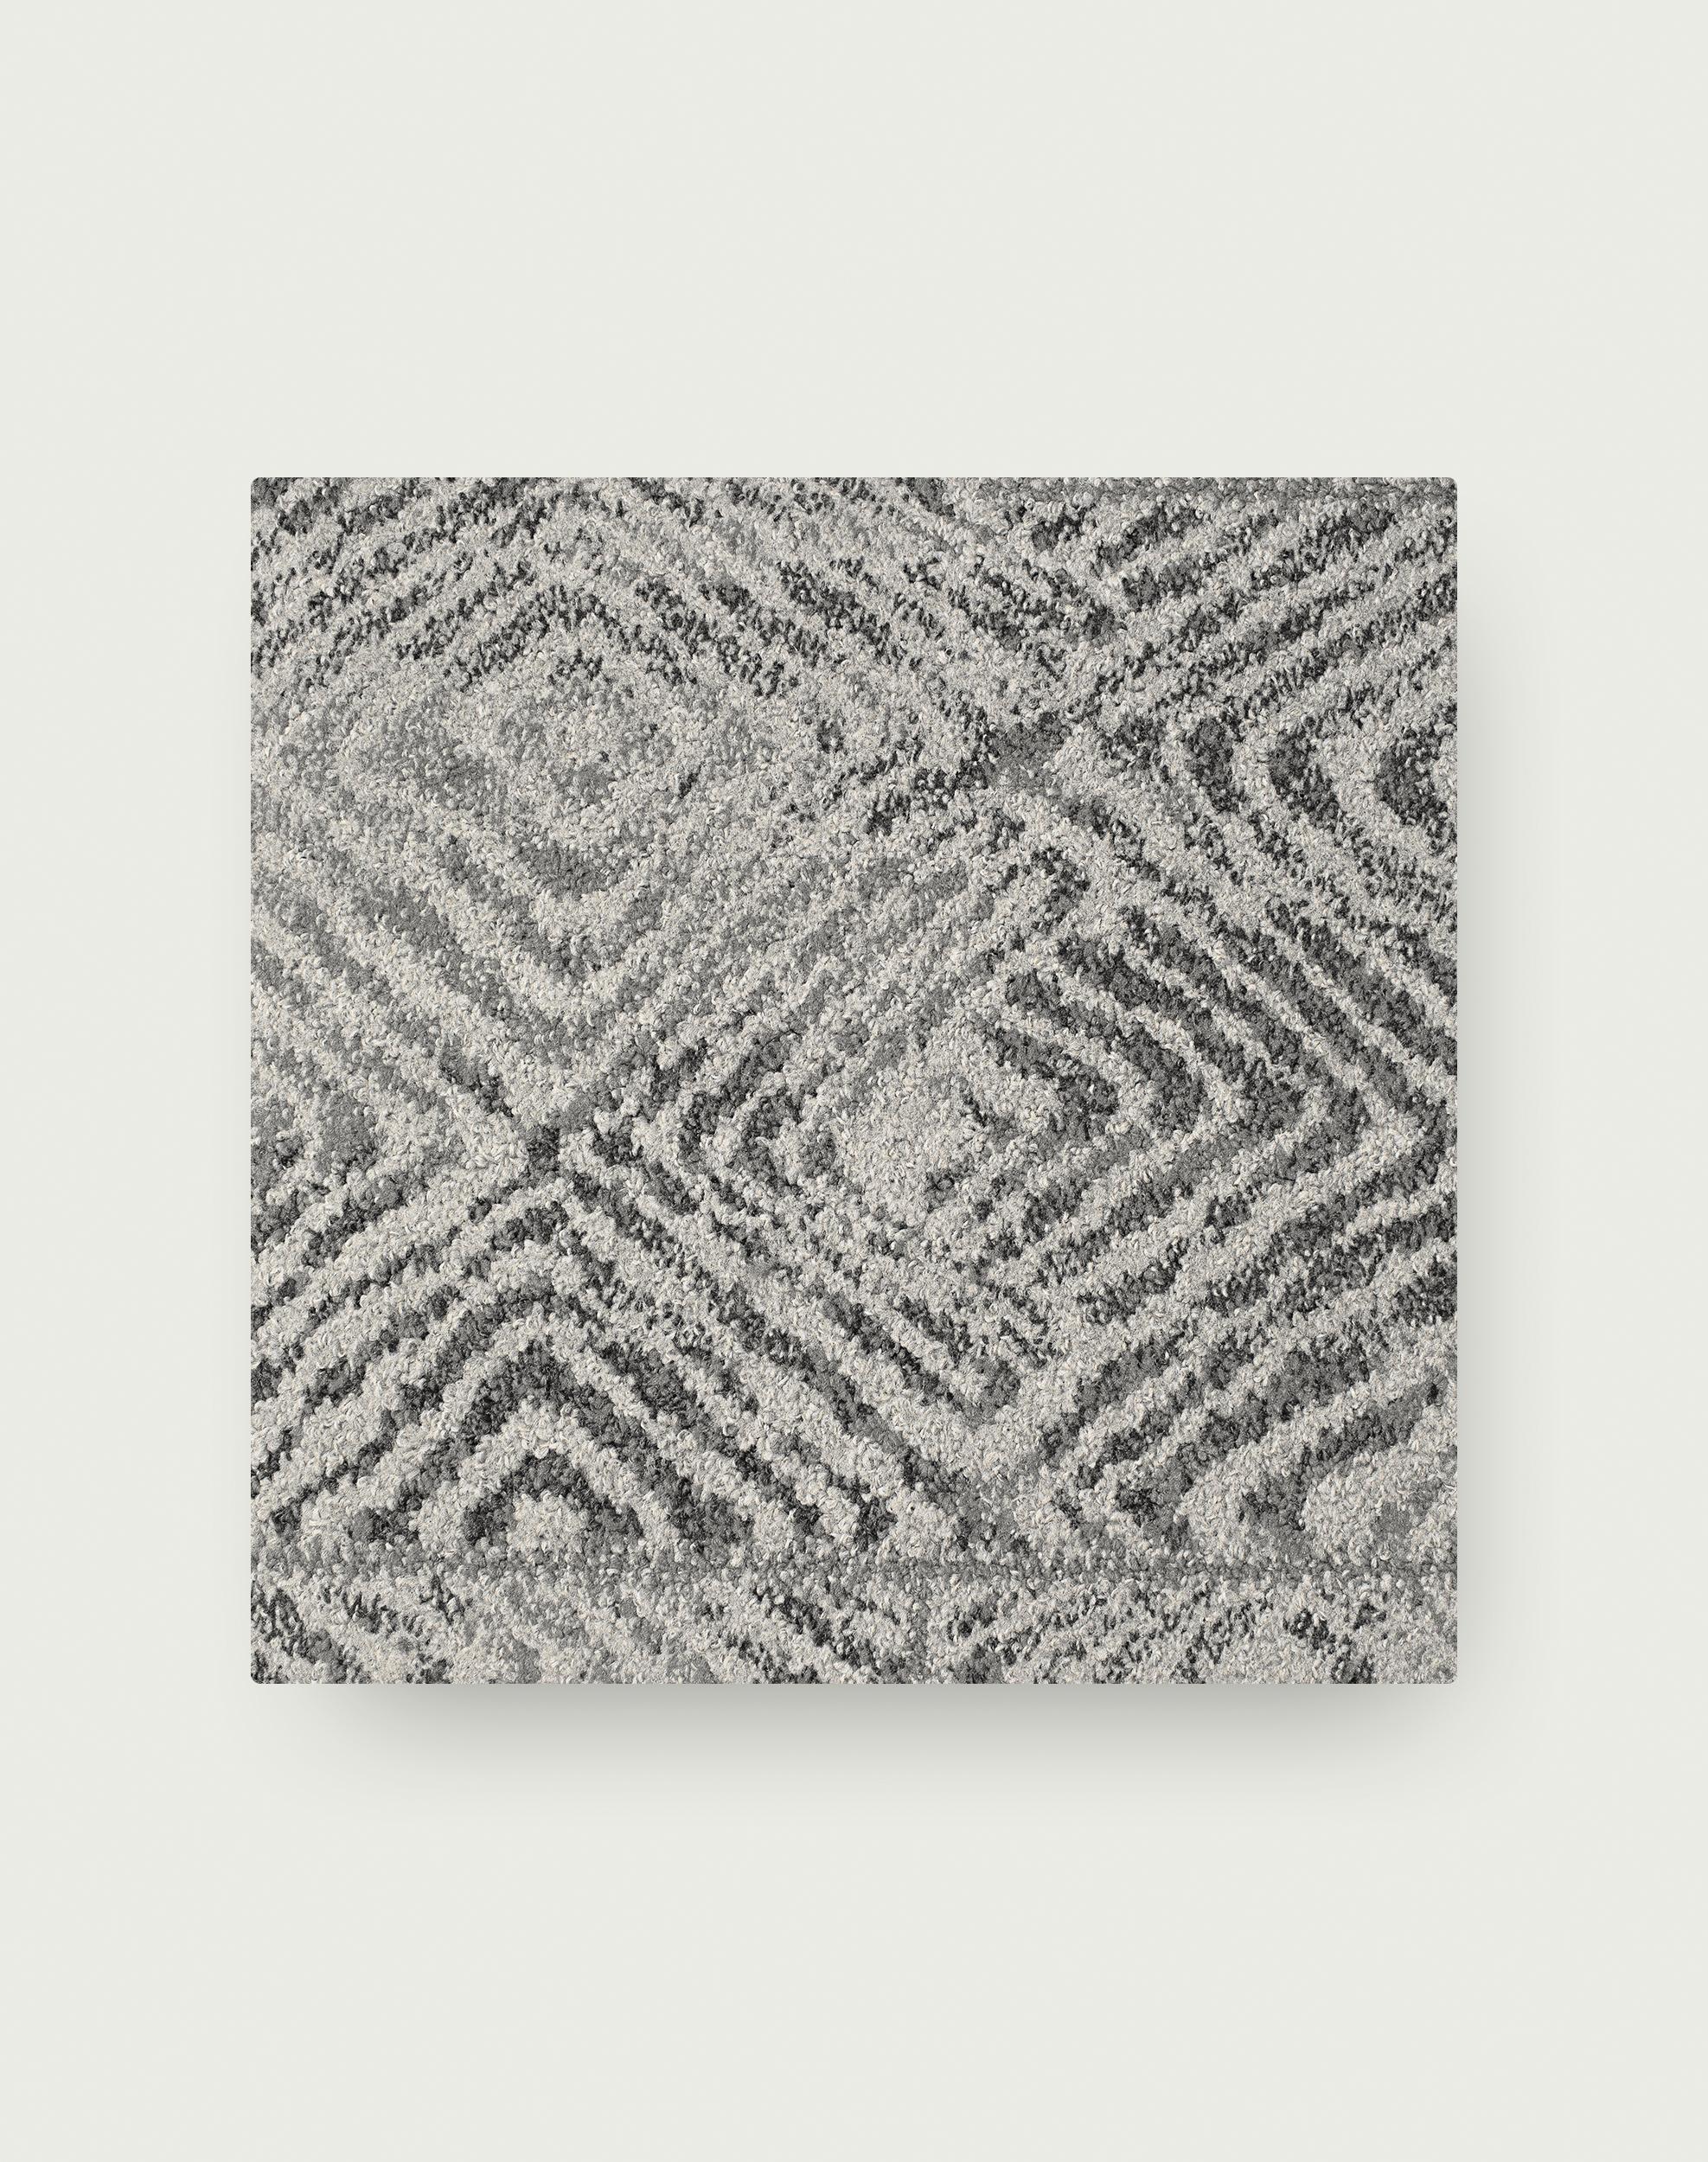 Cut Corners - Titanium